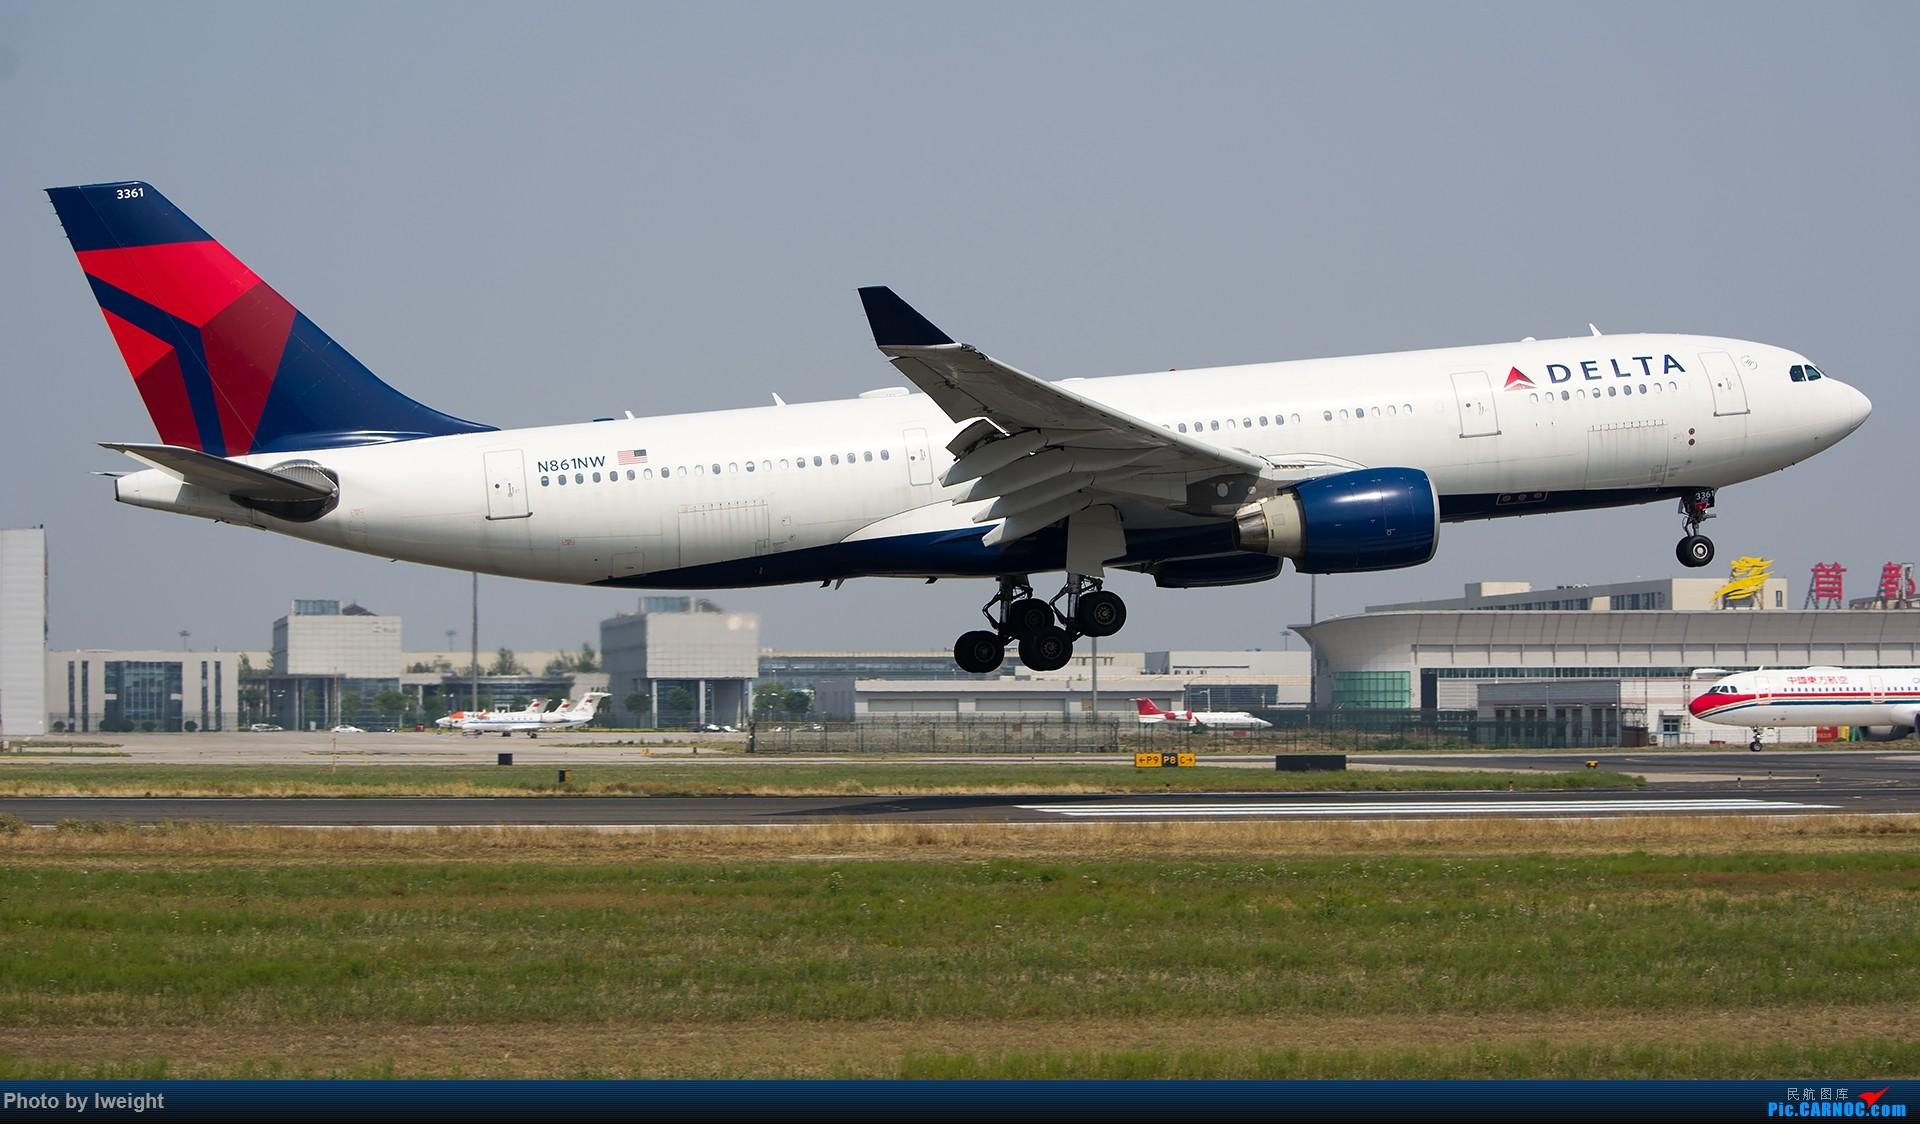 Re:[原创]周末帝都霾天拍机,凑合看看吧【2015-5-23】 AIRBUS A330-200 N861NW 中国北京首都国际机场